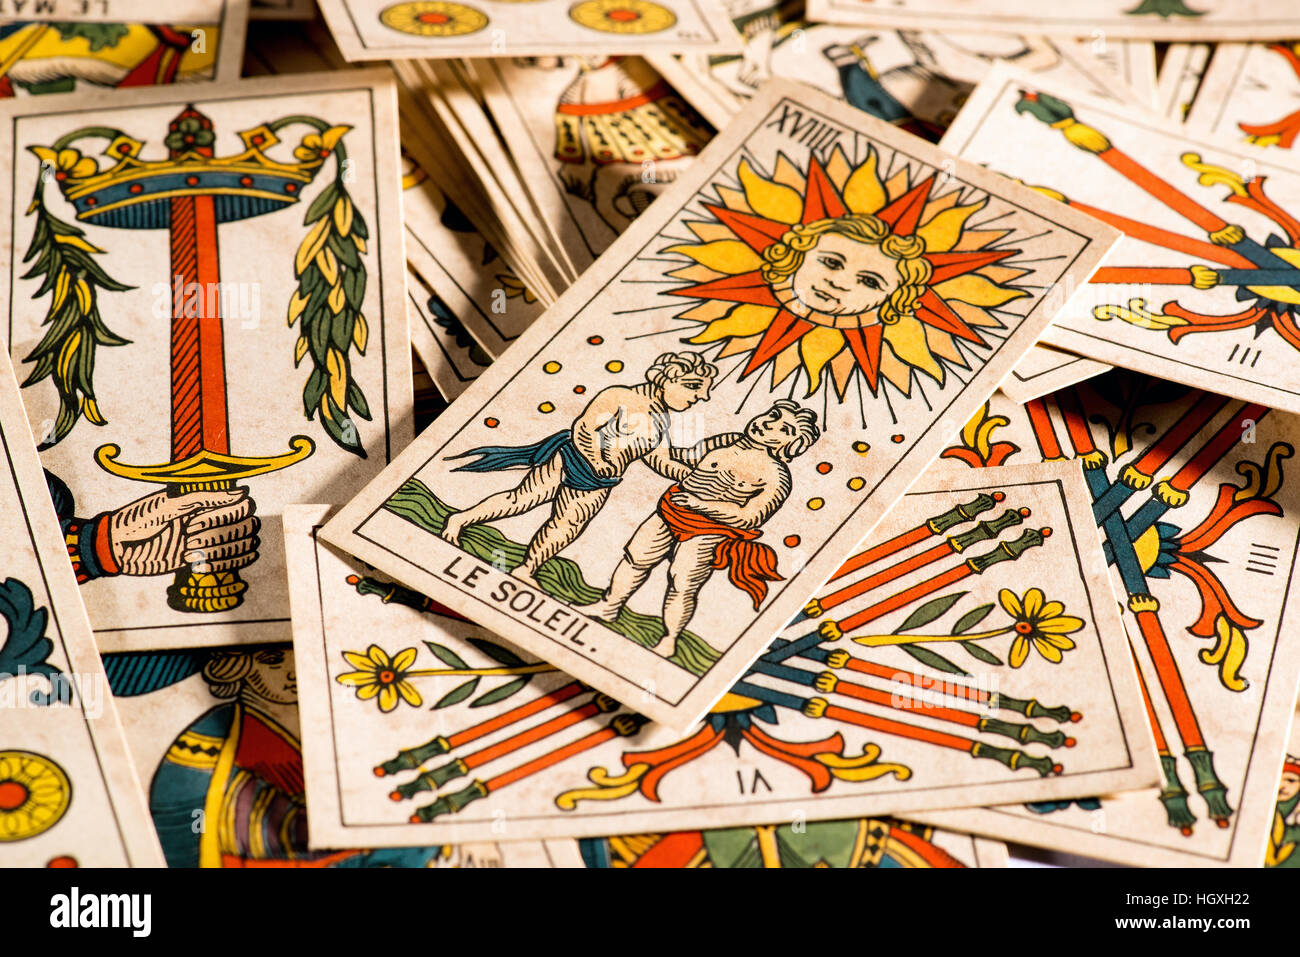 Vista del raccolto di molte carte dei tarocchi disordinato giacente sul tavolo con uno con il sole e Le Soleil segno Immagini Stock